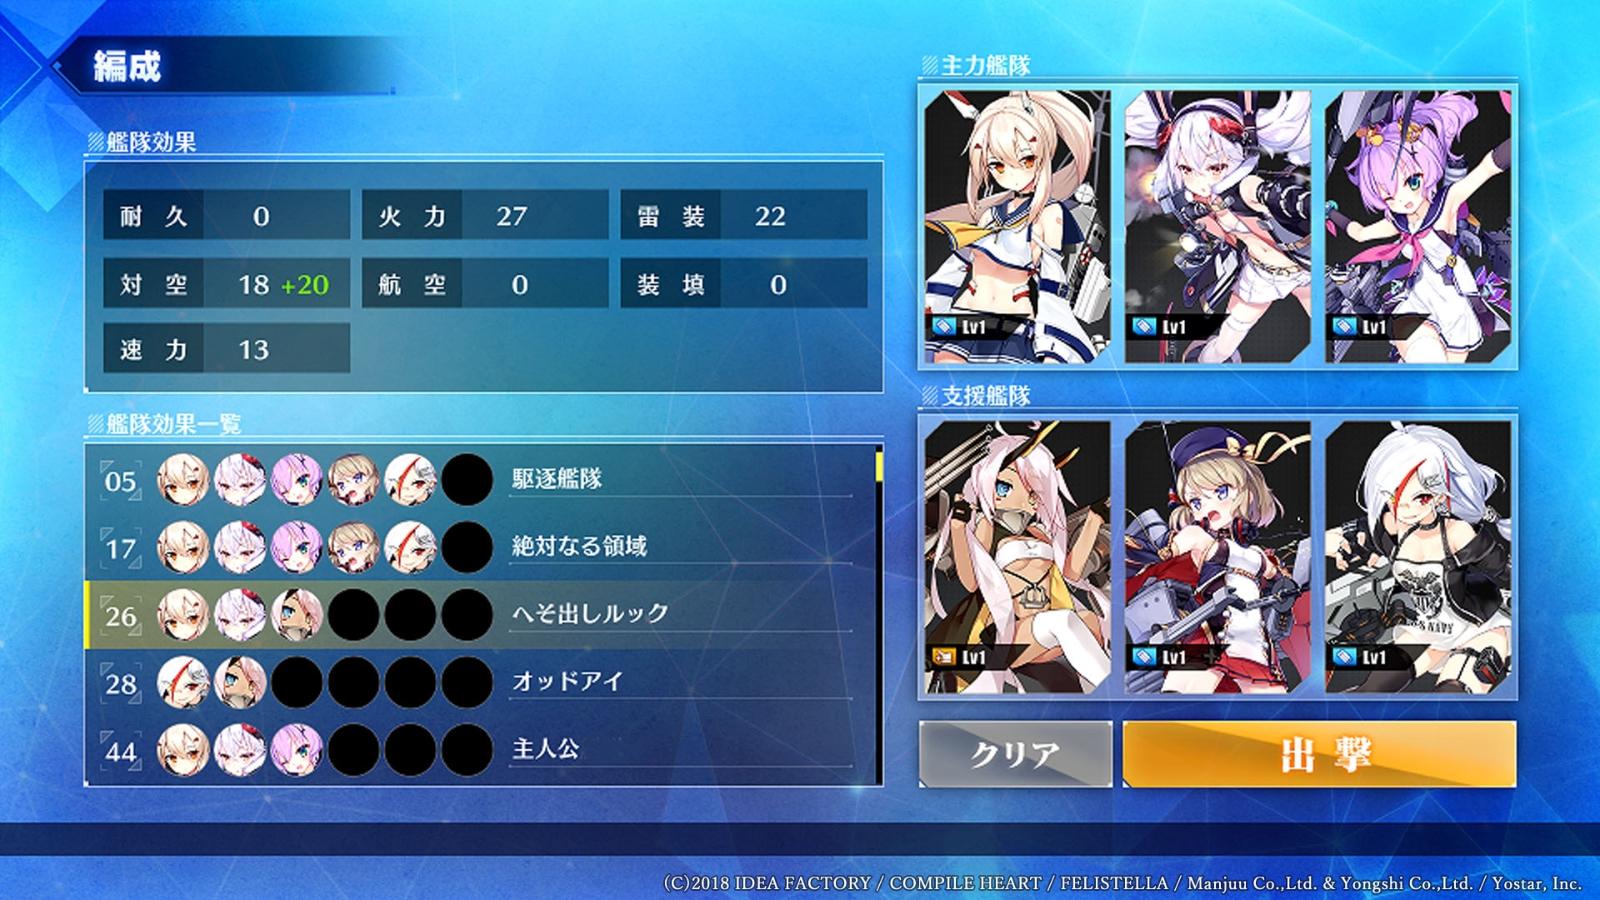 楽天ブックス アズールレーン クロスウェーブ 限定版 Ps4 ゲーム